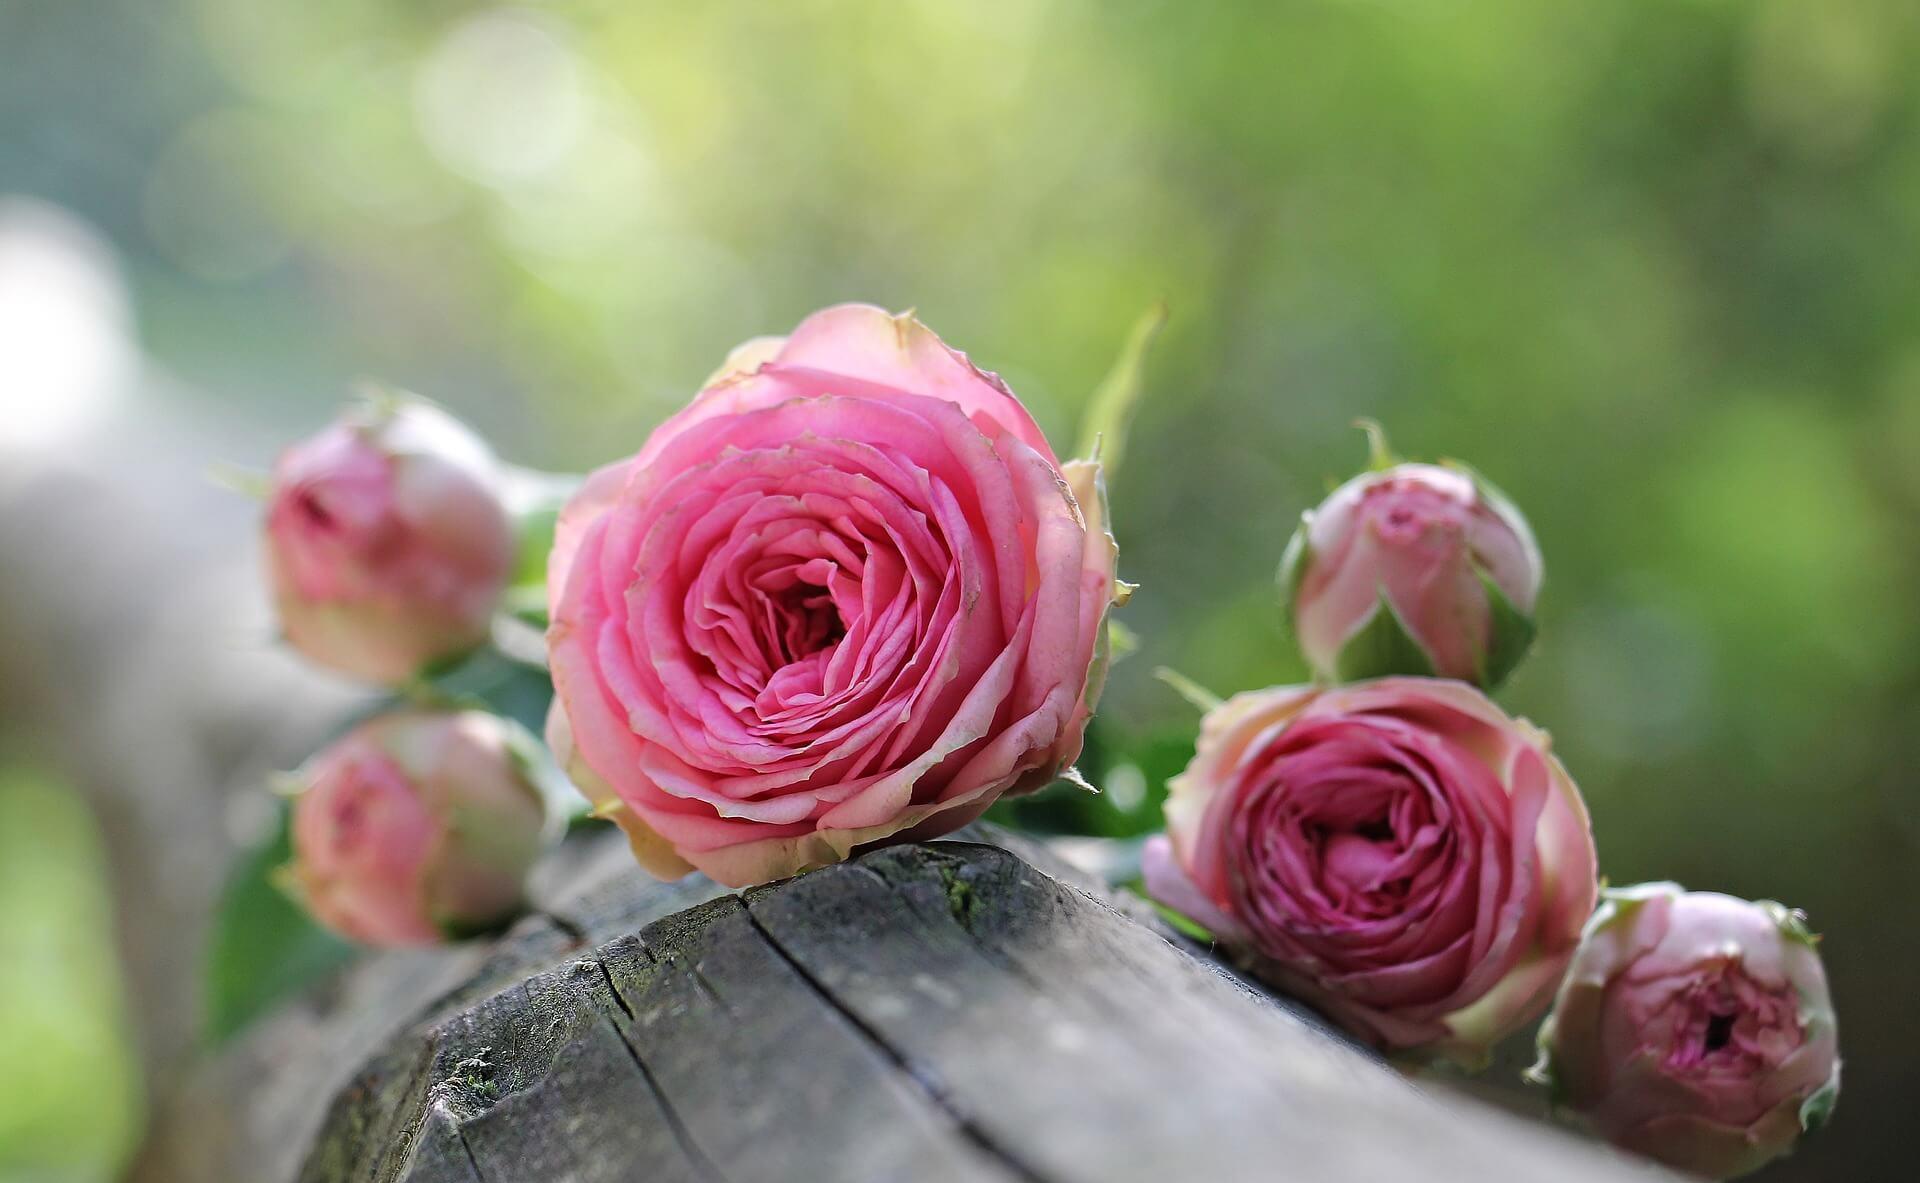 母の日にプレゼントされたバラの育て方